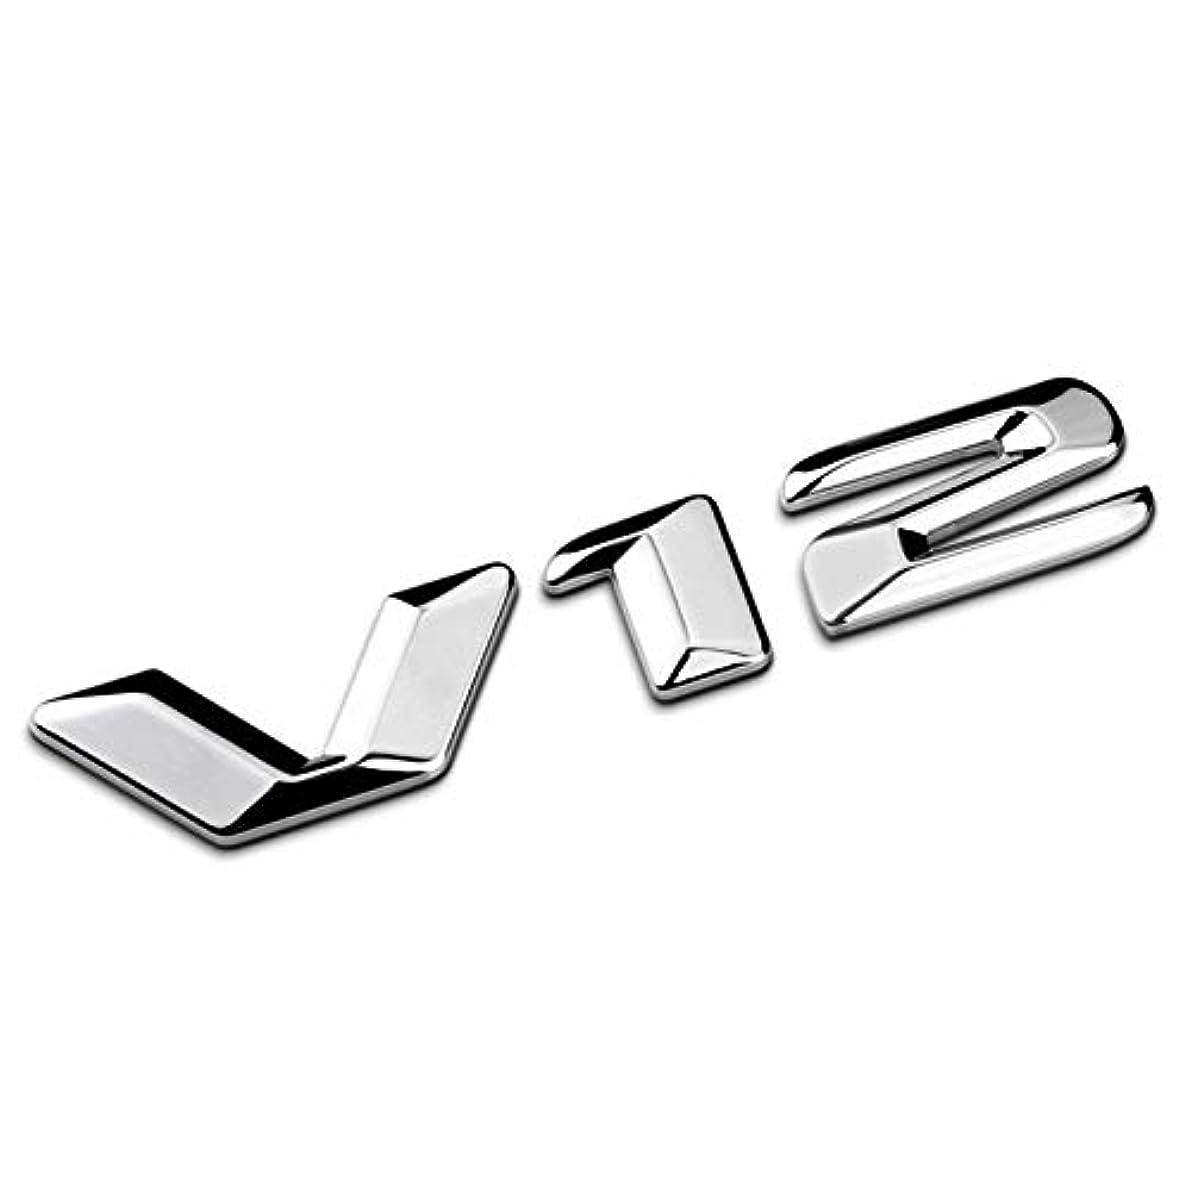 宇宙オークション混乱Jicorzo - 3D Silver Chrome Zinc alloy V12 Emblem Sticker Car Styling Decal Fender Trunk Badge For Mercedes Benz...